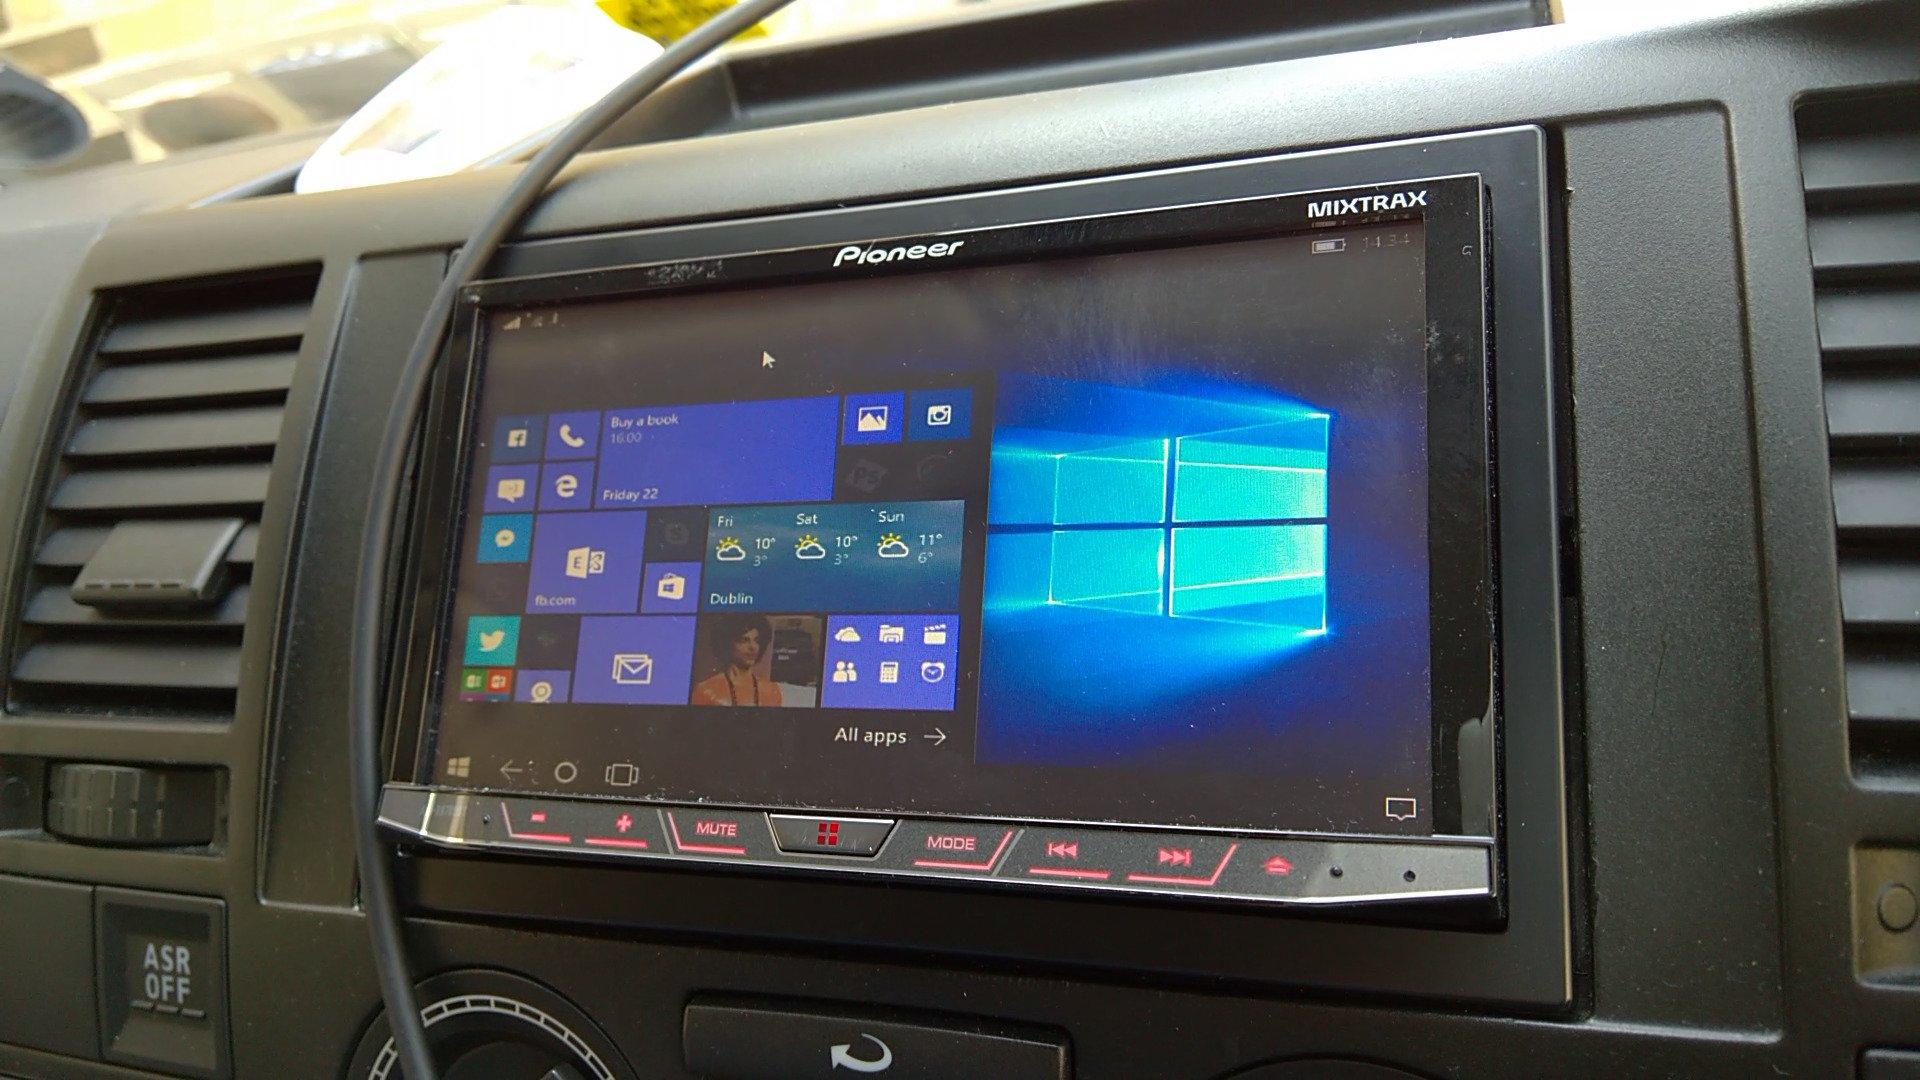 continuum in the car